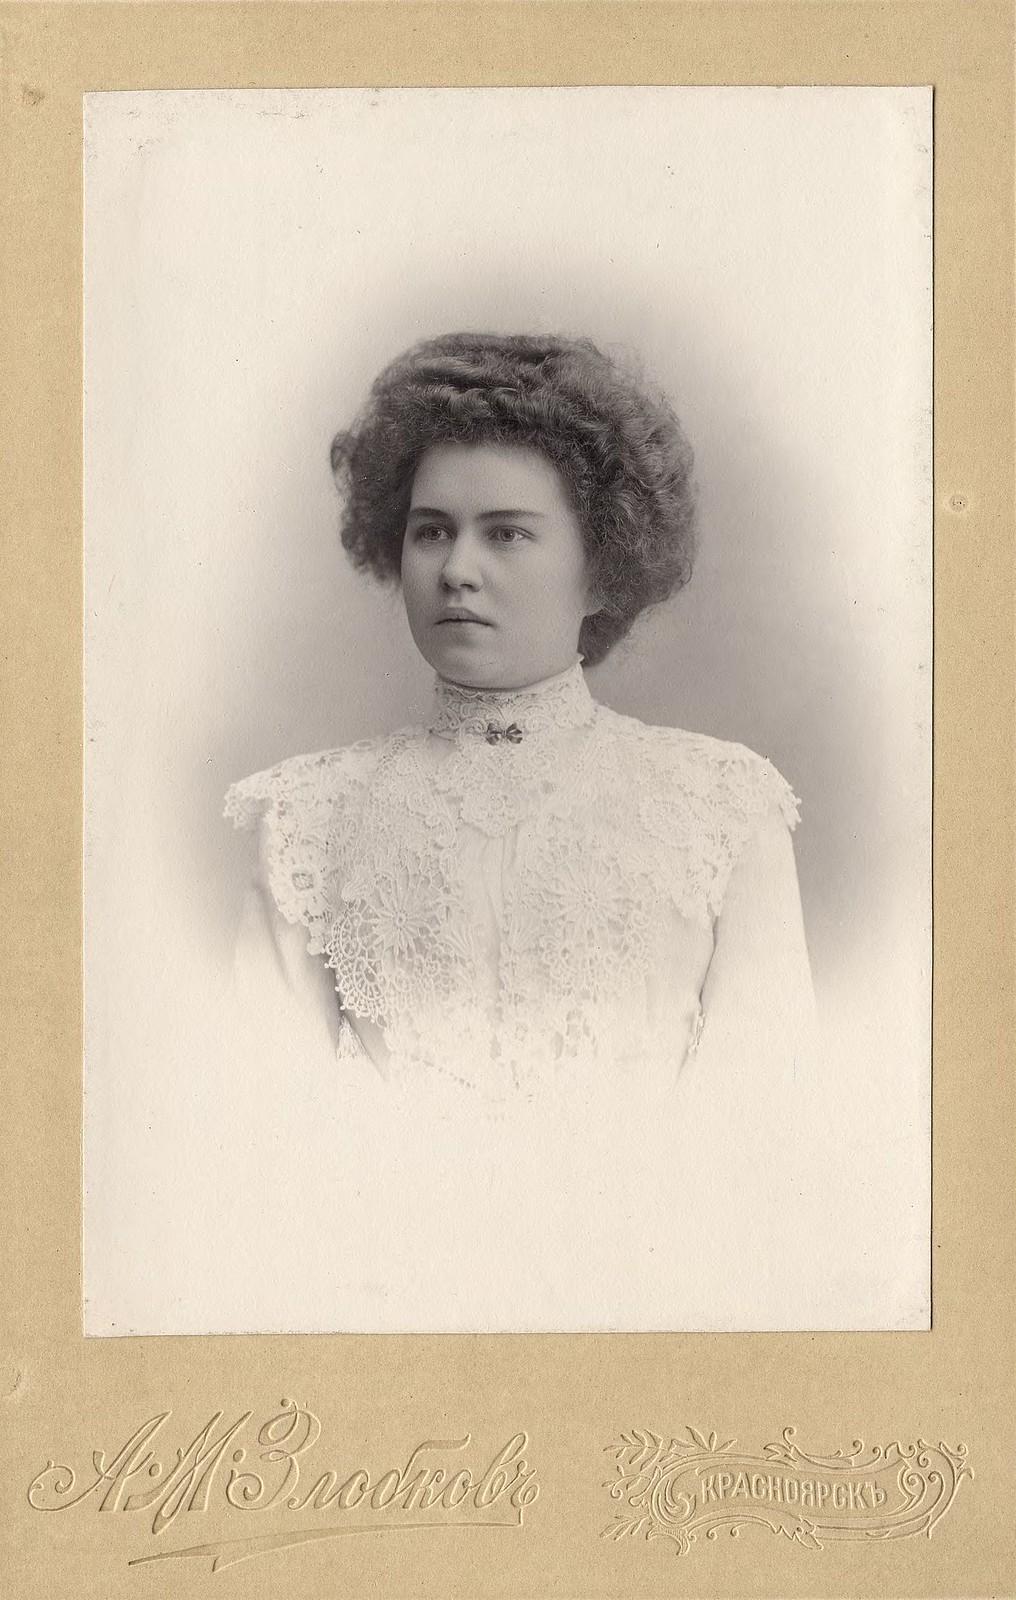 Ларионова Александра Петровна - дочь Красноярского купца П.И. Ларионова. 1880